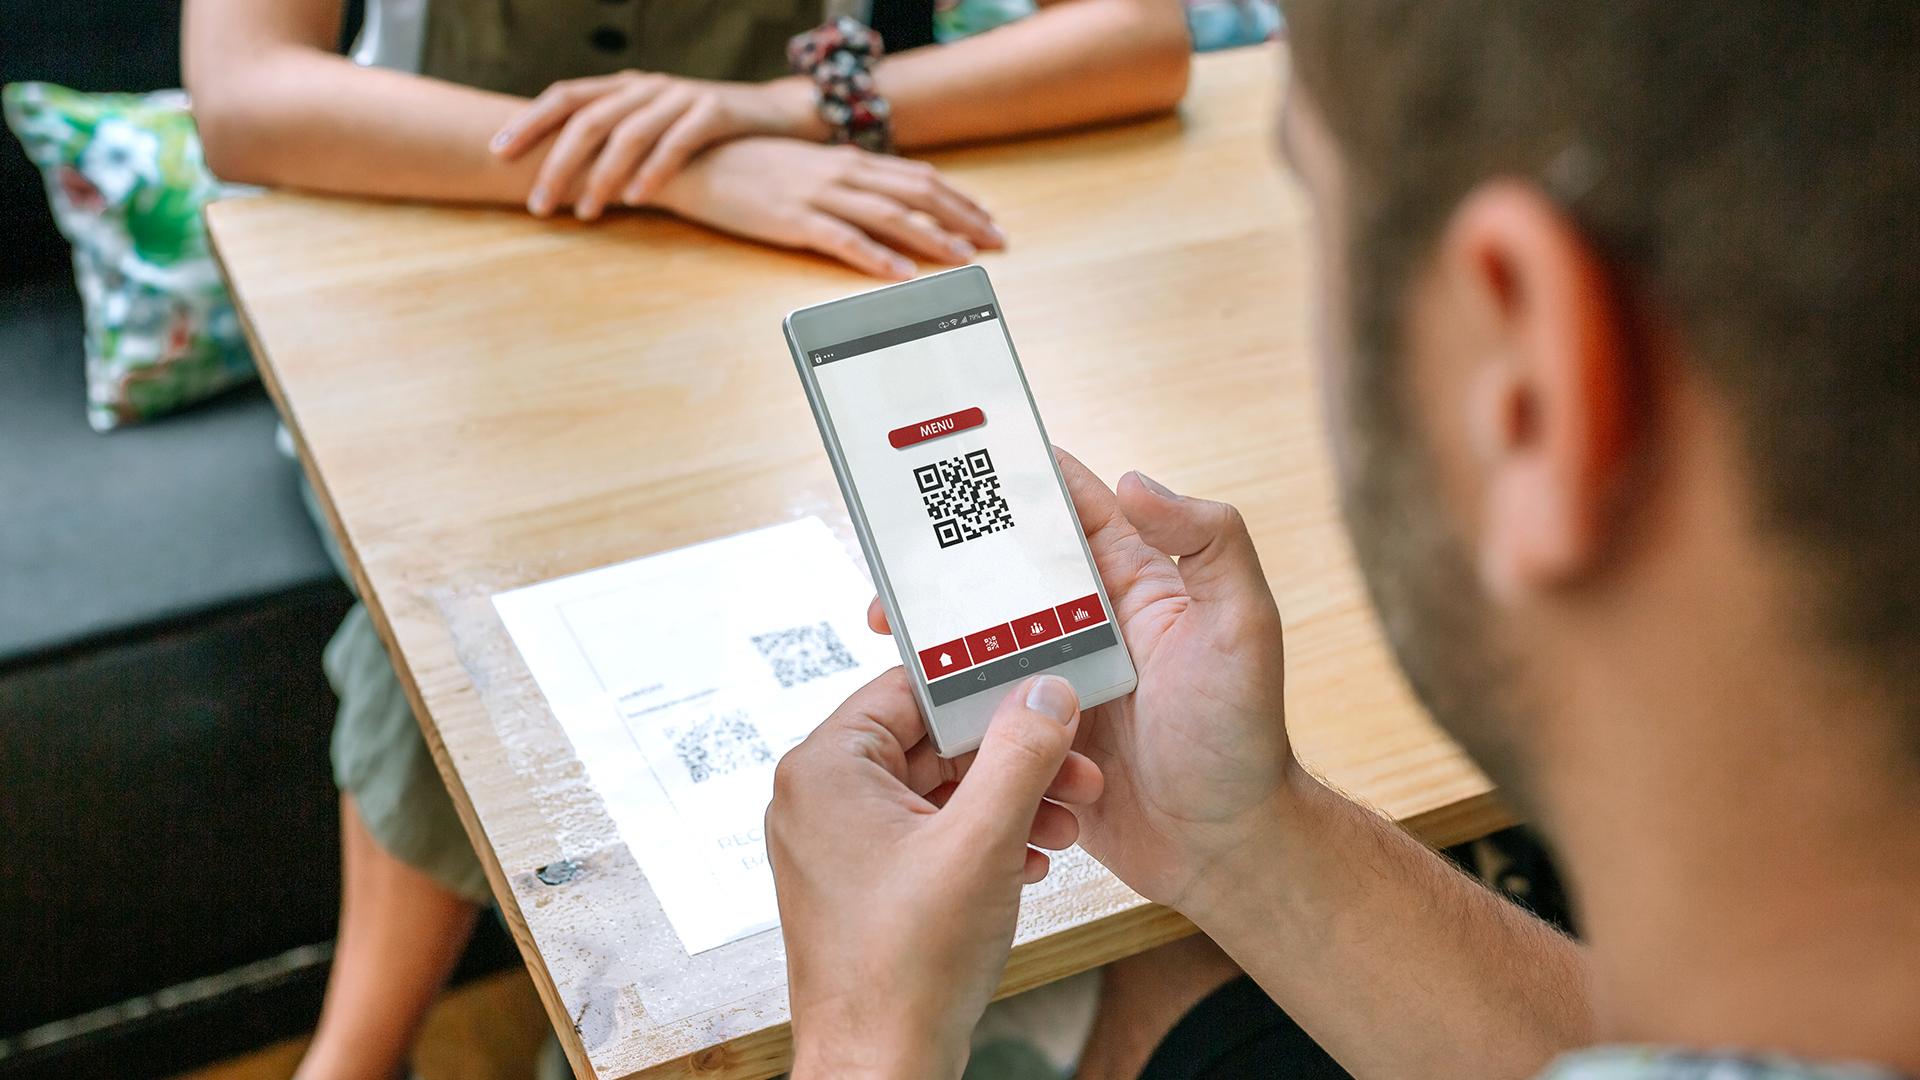 O cardápio digital pode ser acessado pelo cliente através de um simples QR code.